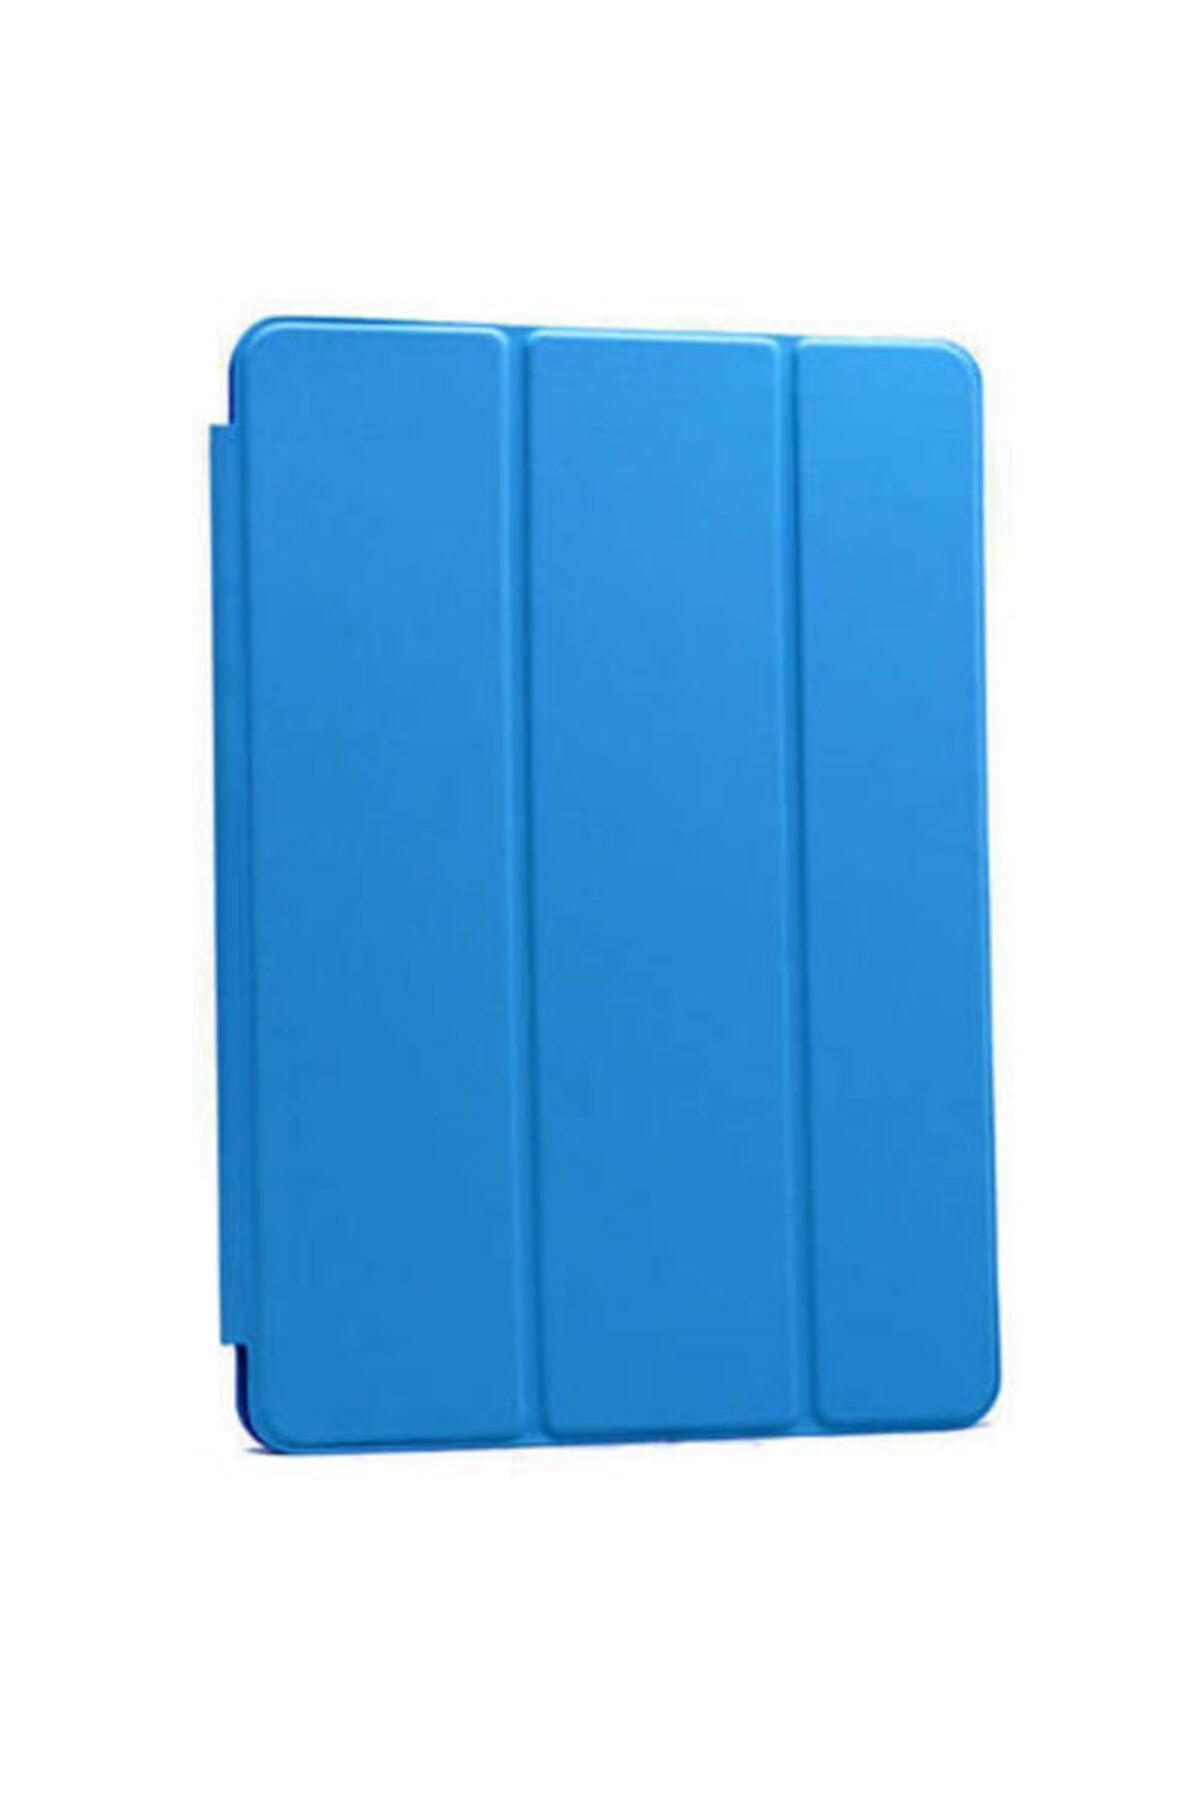 zore Apple Ipad 2 3 4 Standlı Kılıf 1